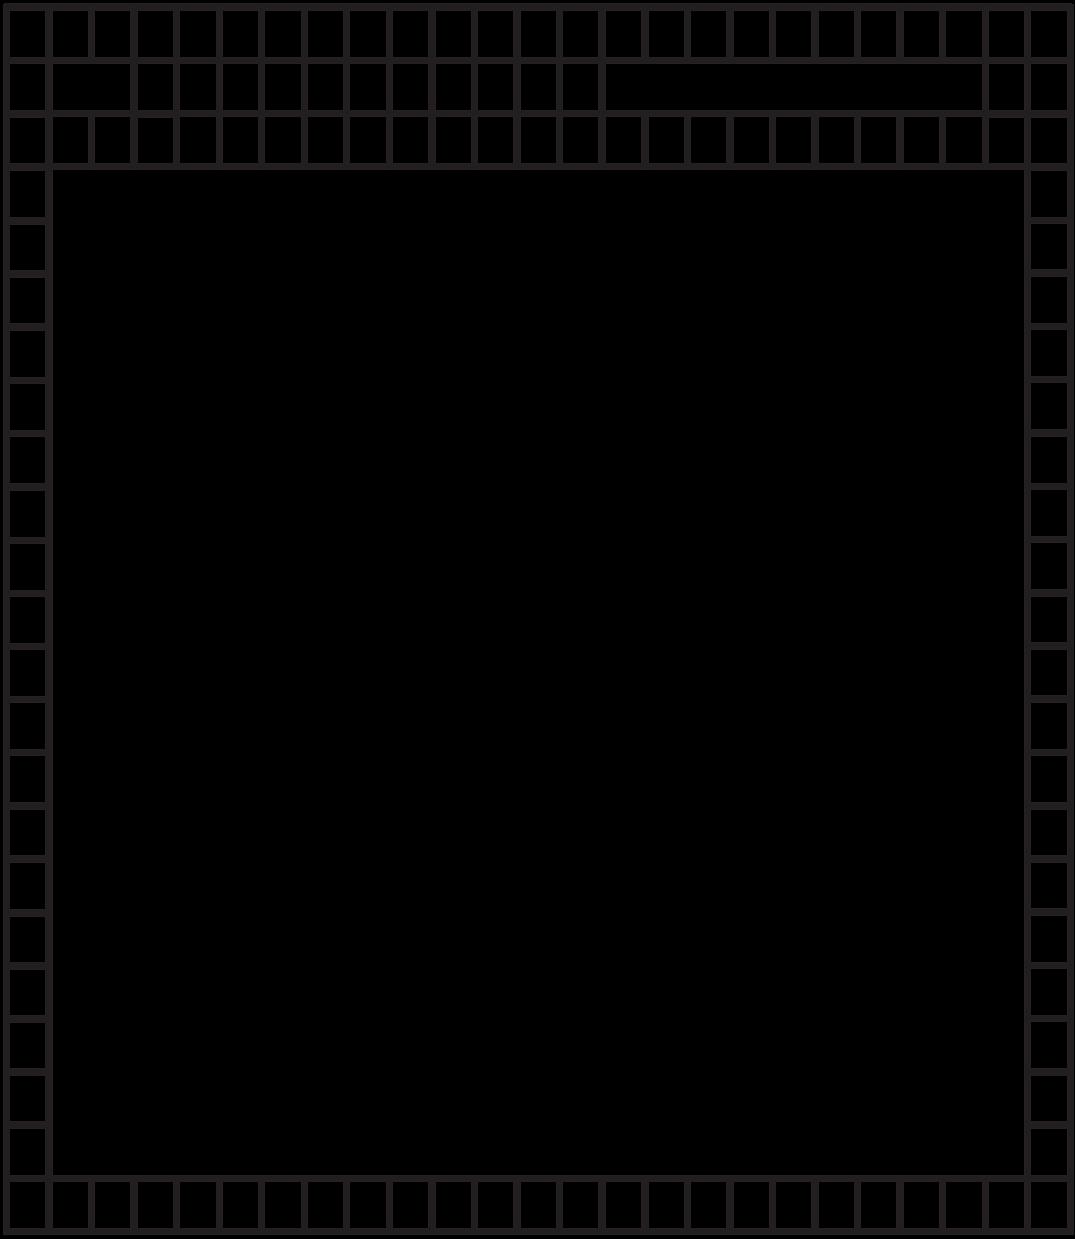 staf struktural-01.png